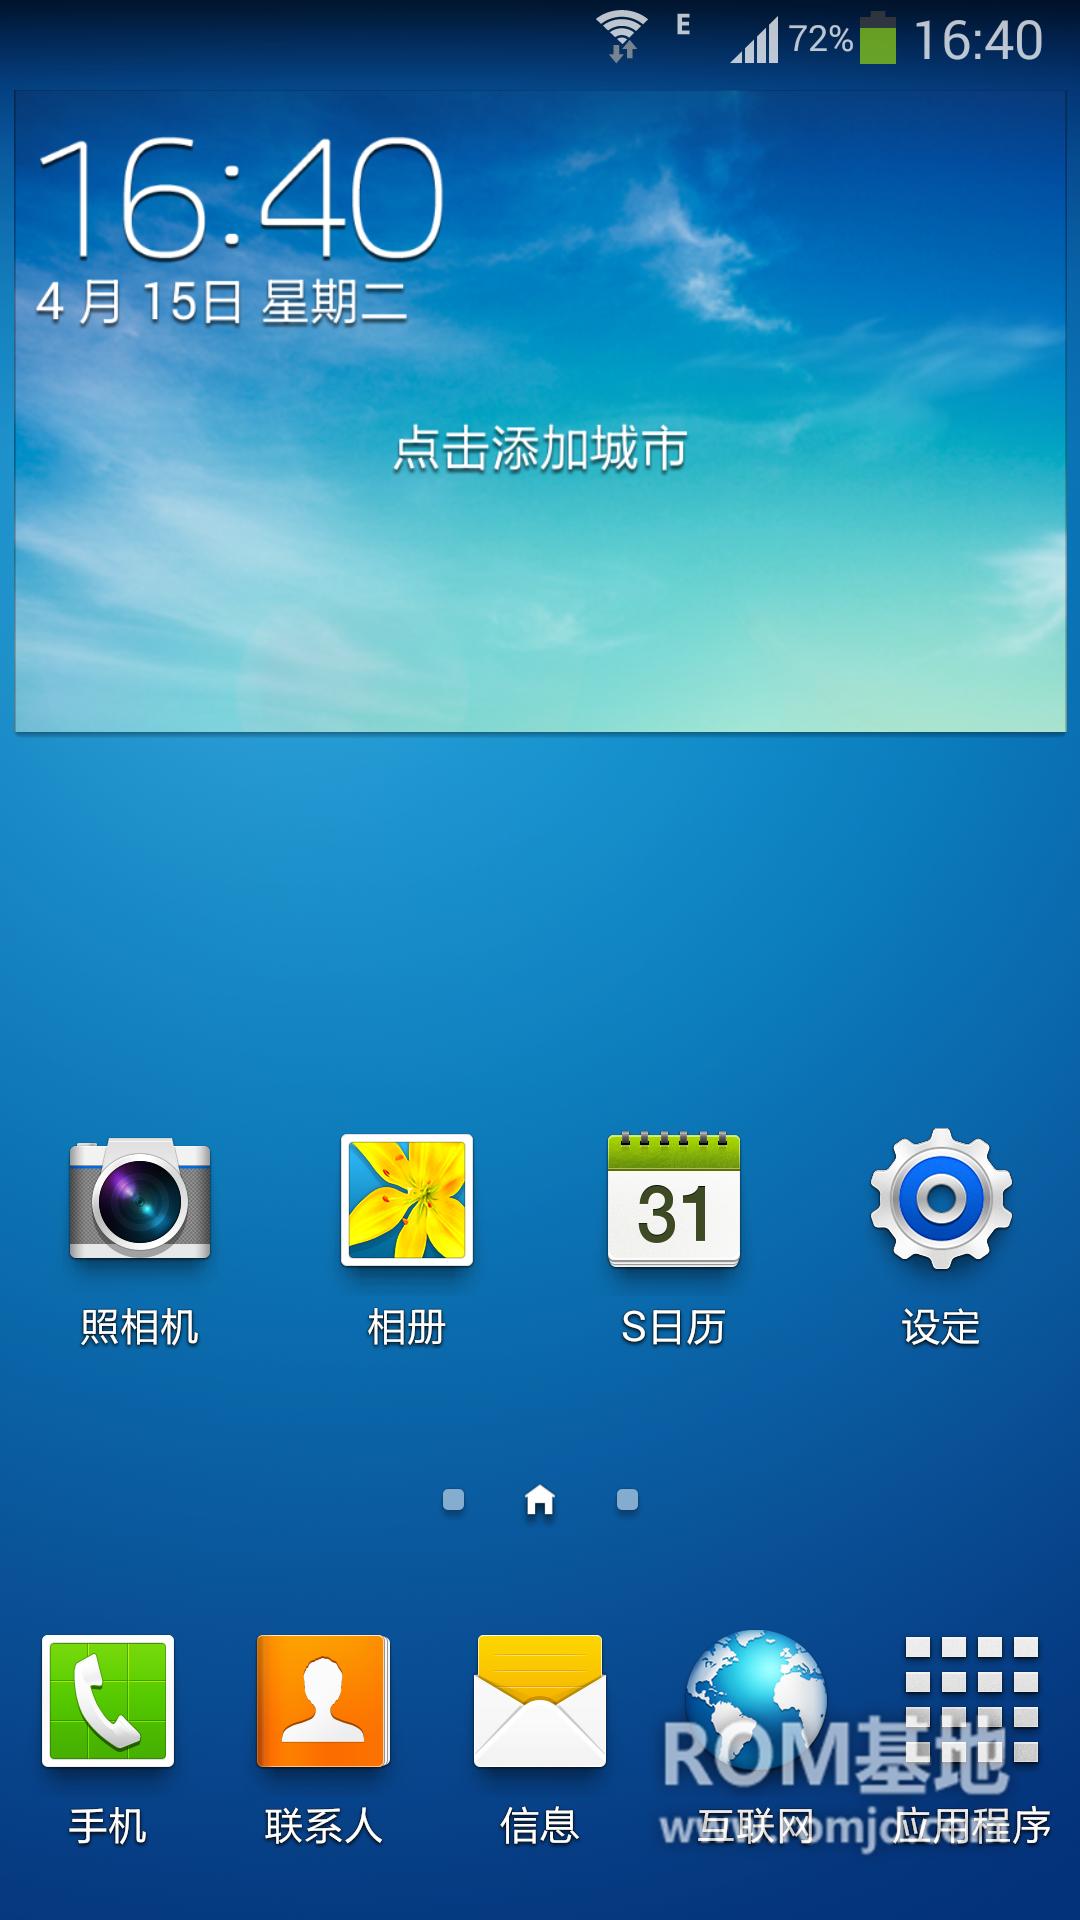 【新蜂】三星Galaxy S IV 移动版(I9508) 刷机包 稳定流畅ROM刷机包下载